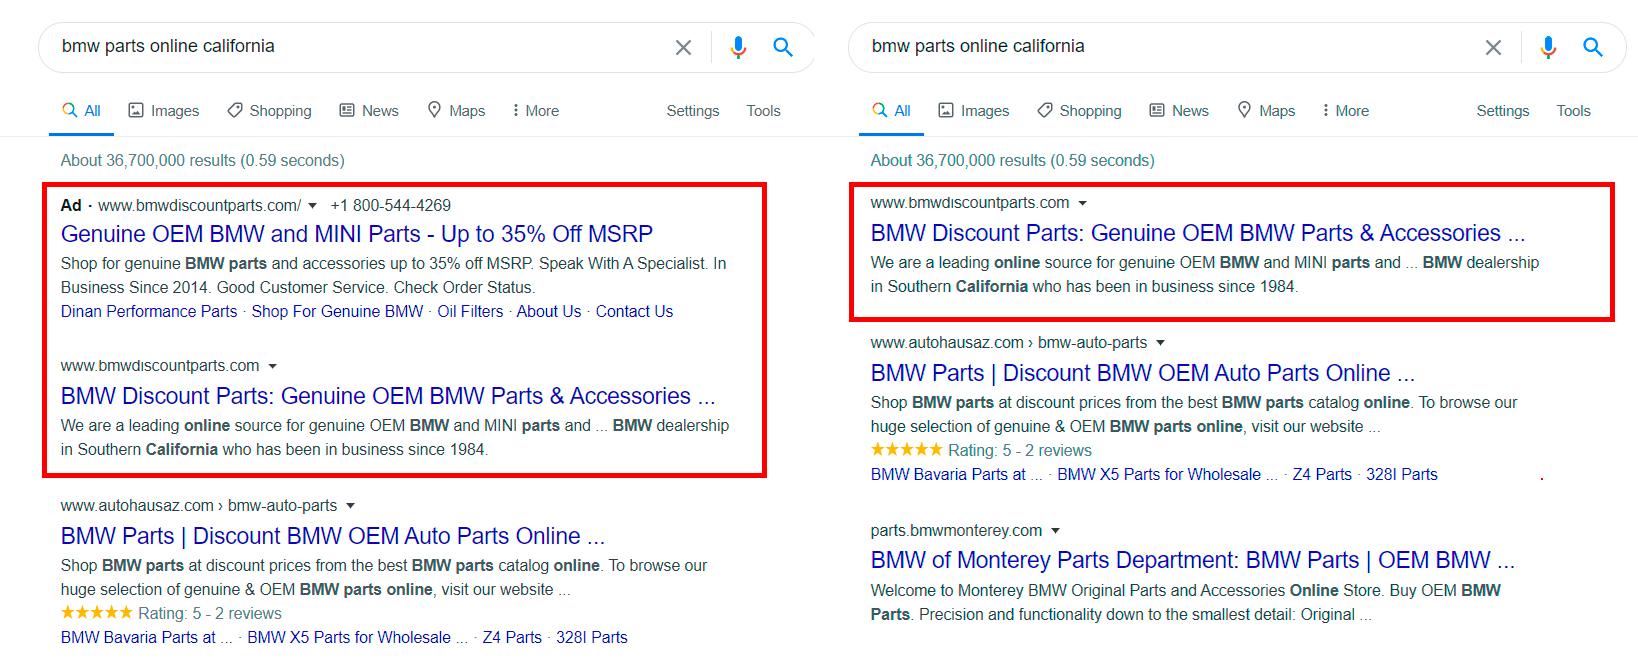 скрипт, который исключает из рекламных кампаний в Google Ads запросы, которые занимают высокие позиции в органической выдаче